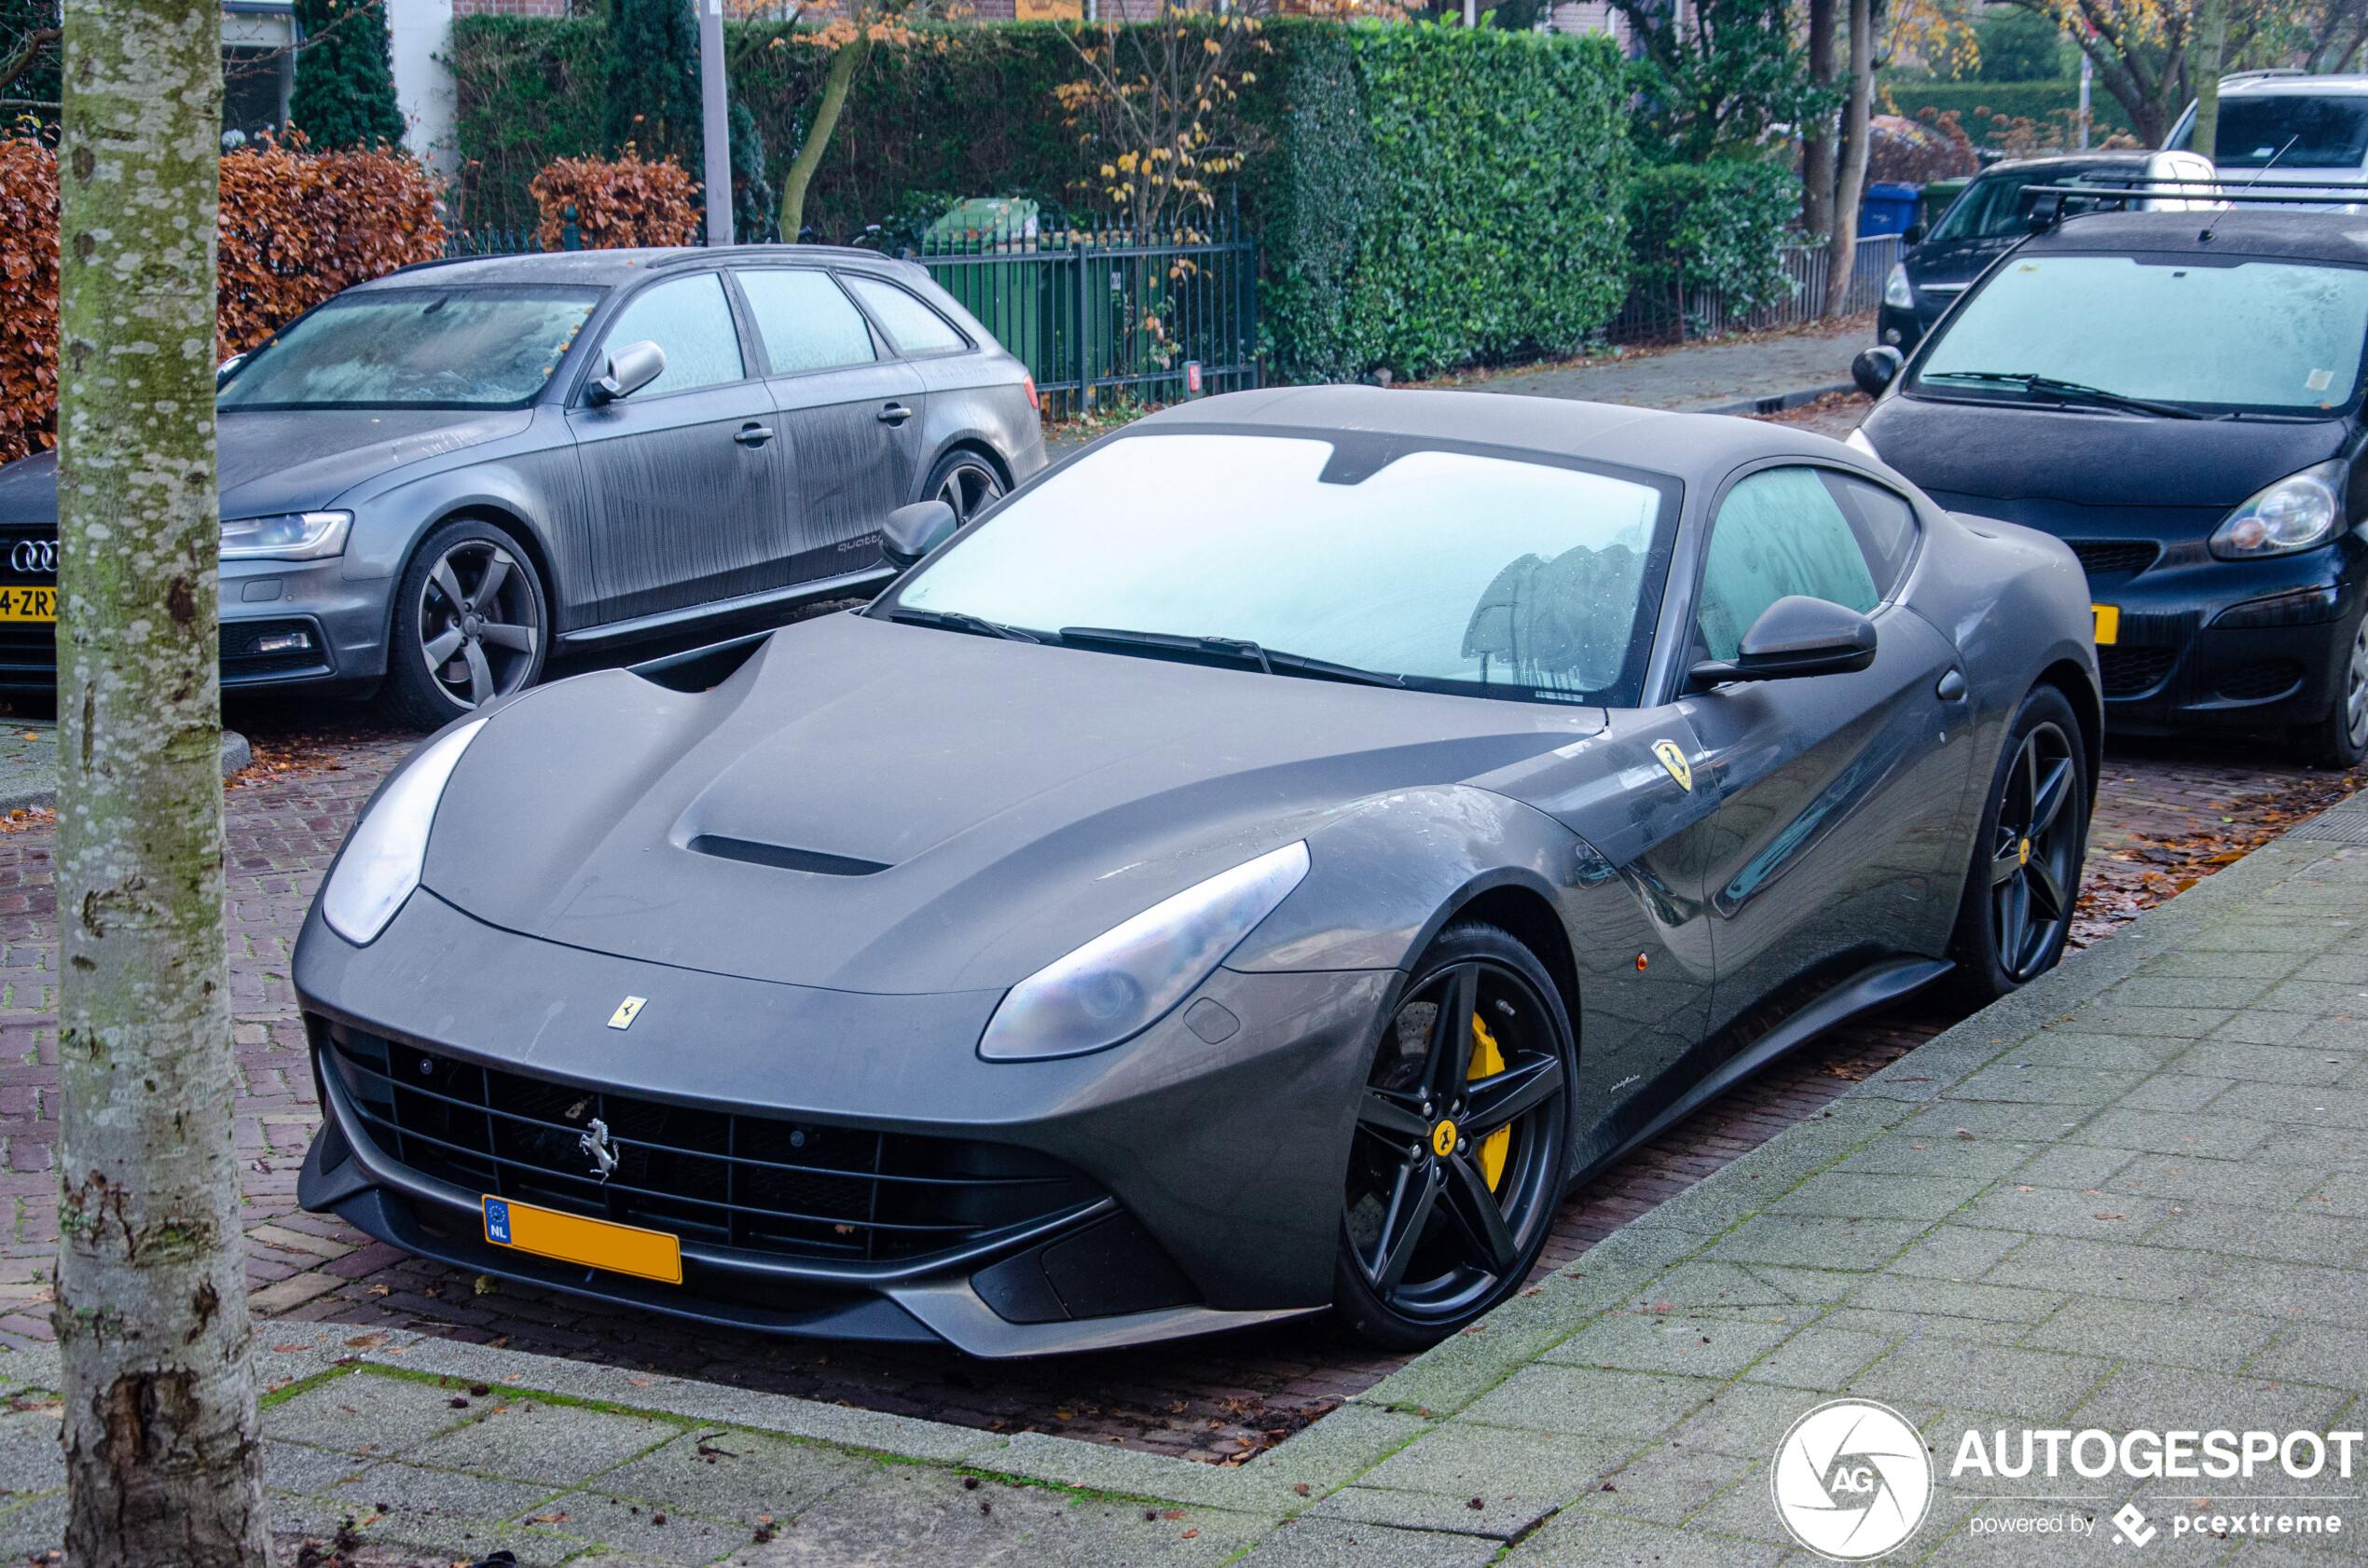 Ferrari F12berlinetta staat gewoon geparkeerd als ieder ander